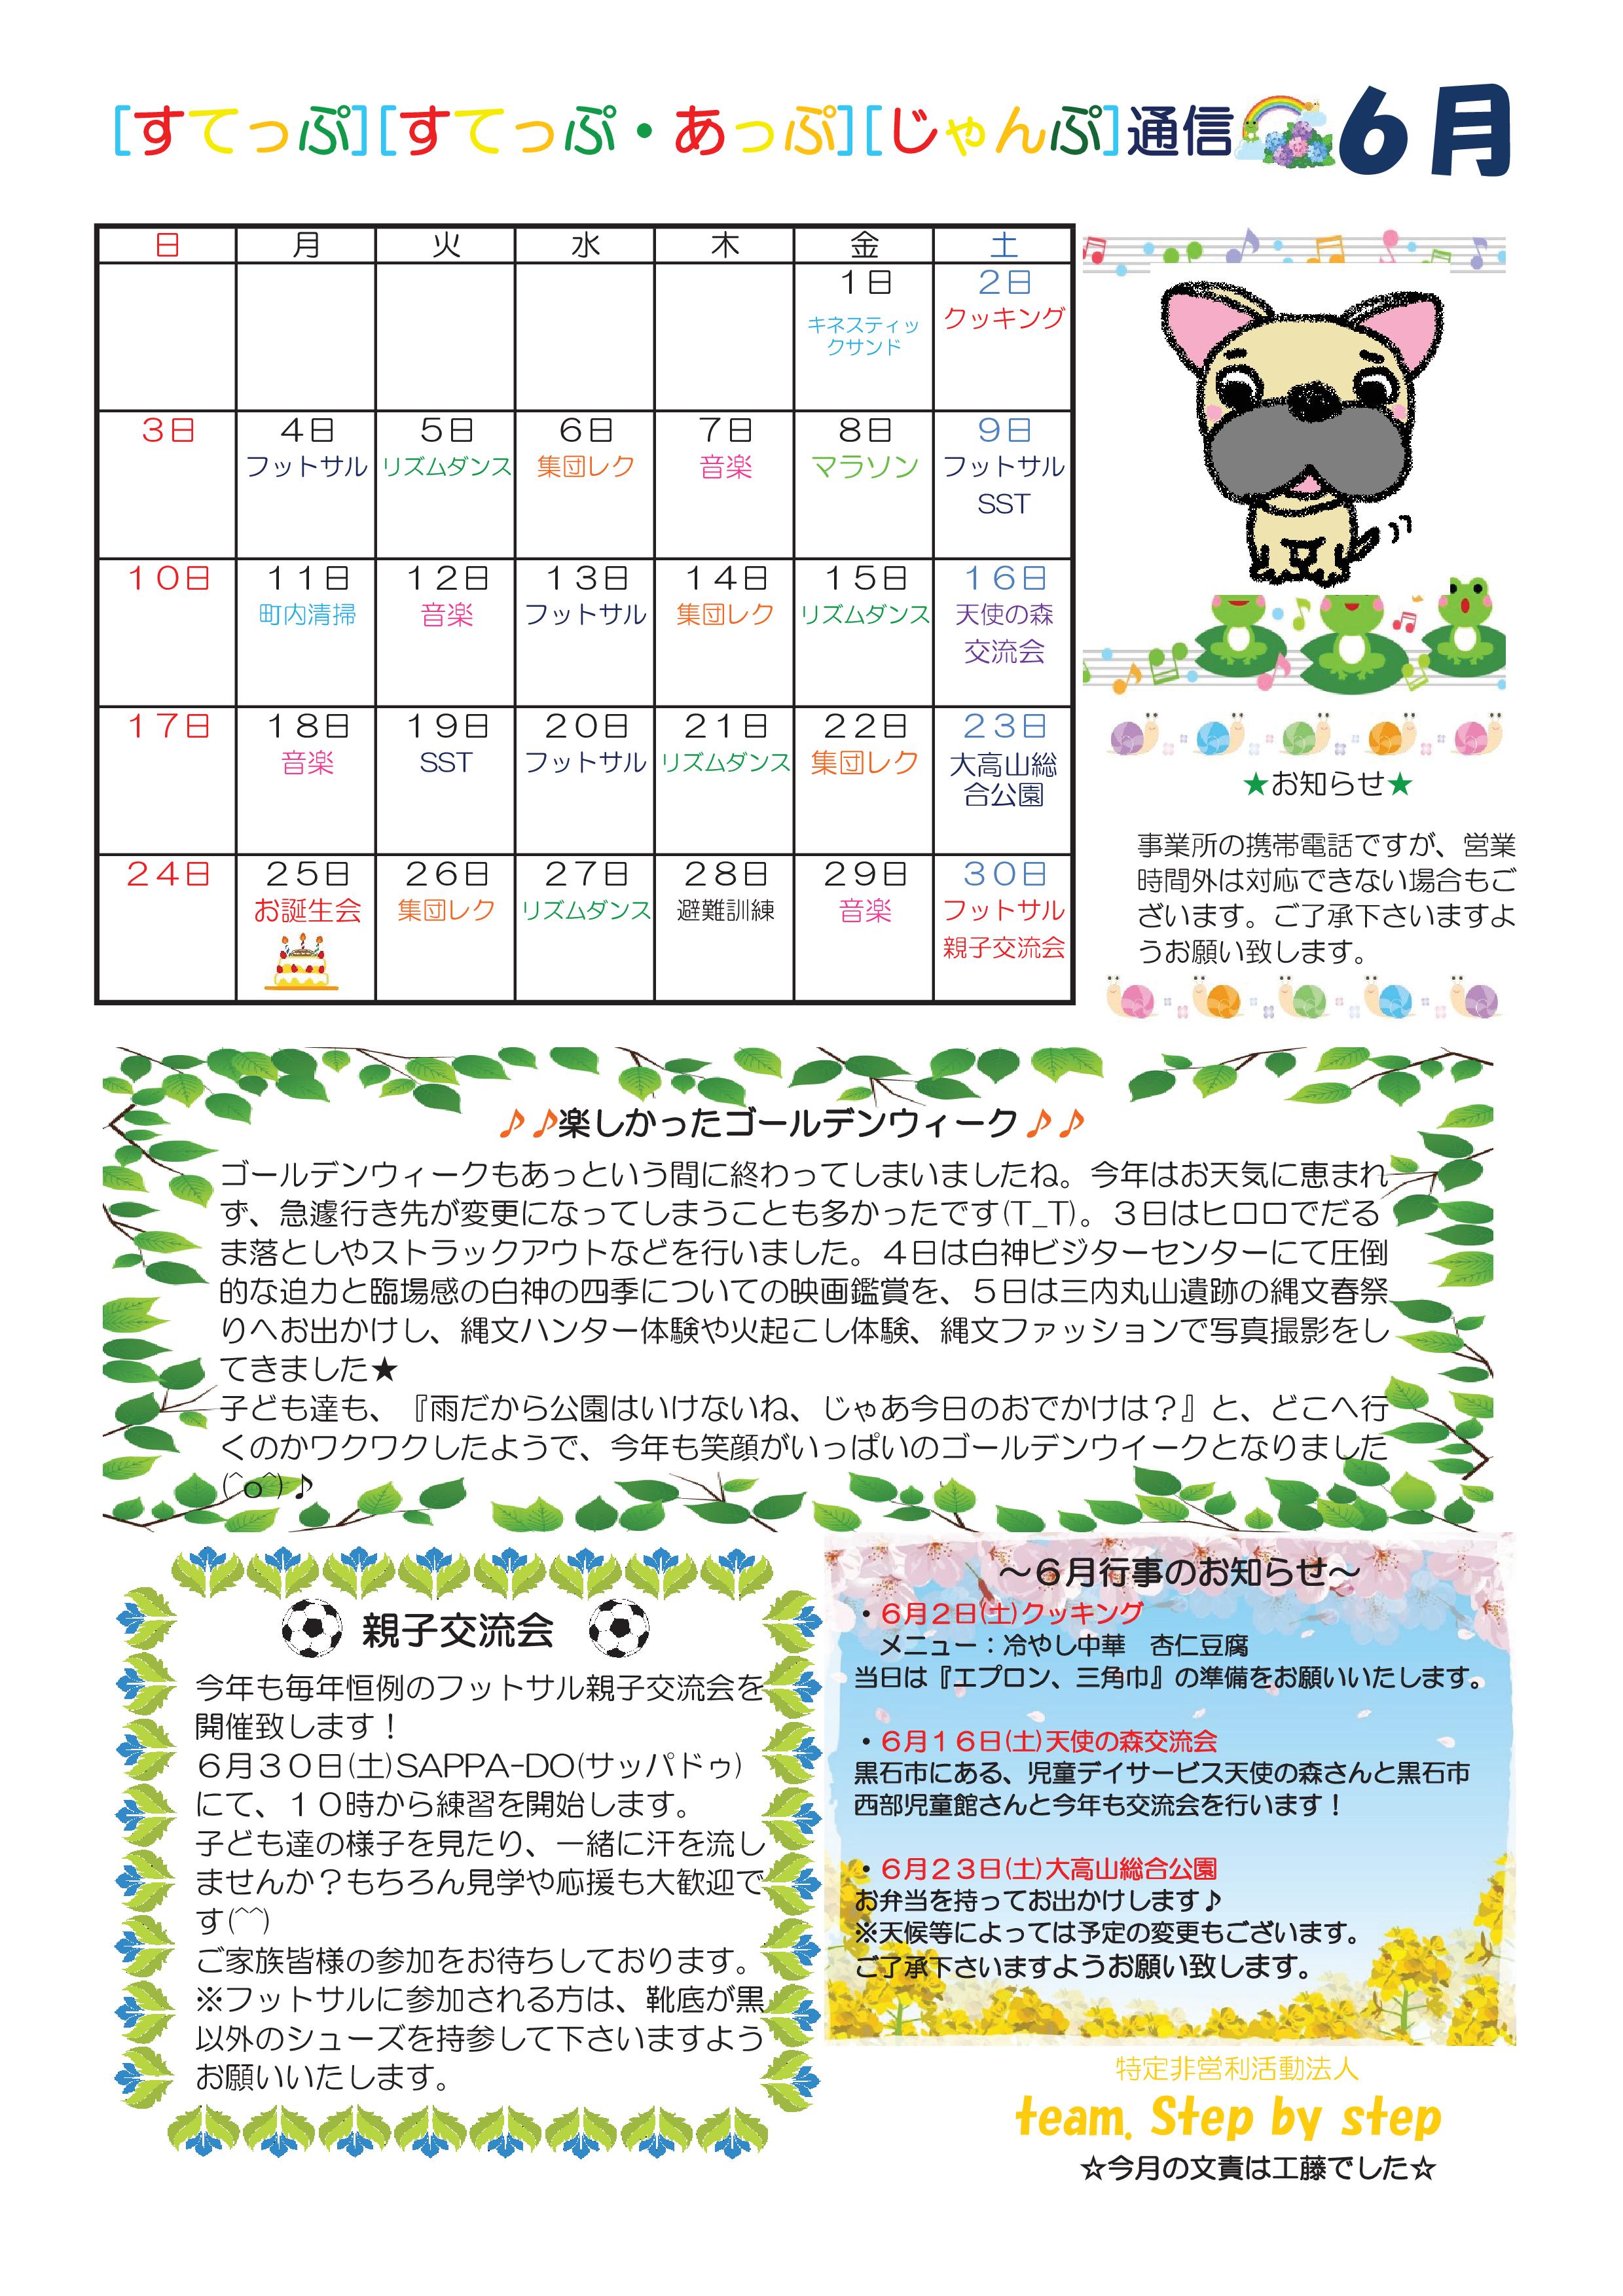 すてっぷ・すてっぷあっぷ・じゃんぷ通信2018年6月号